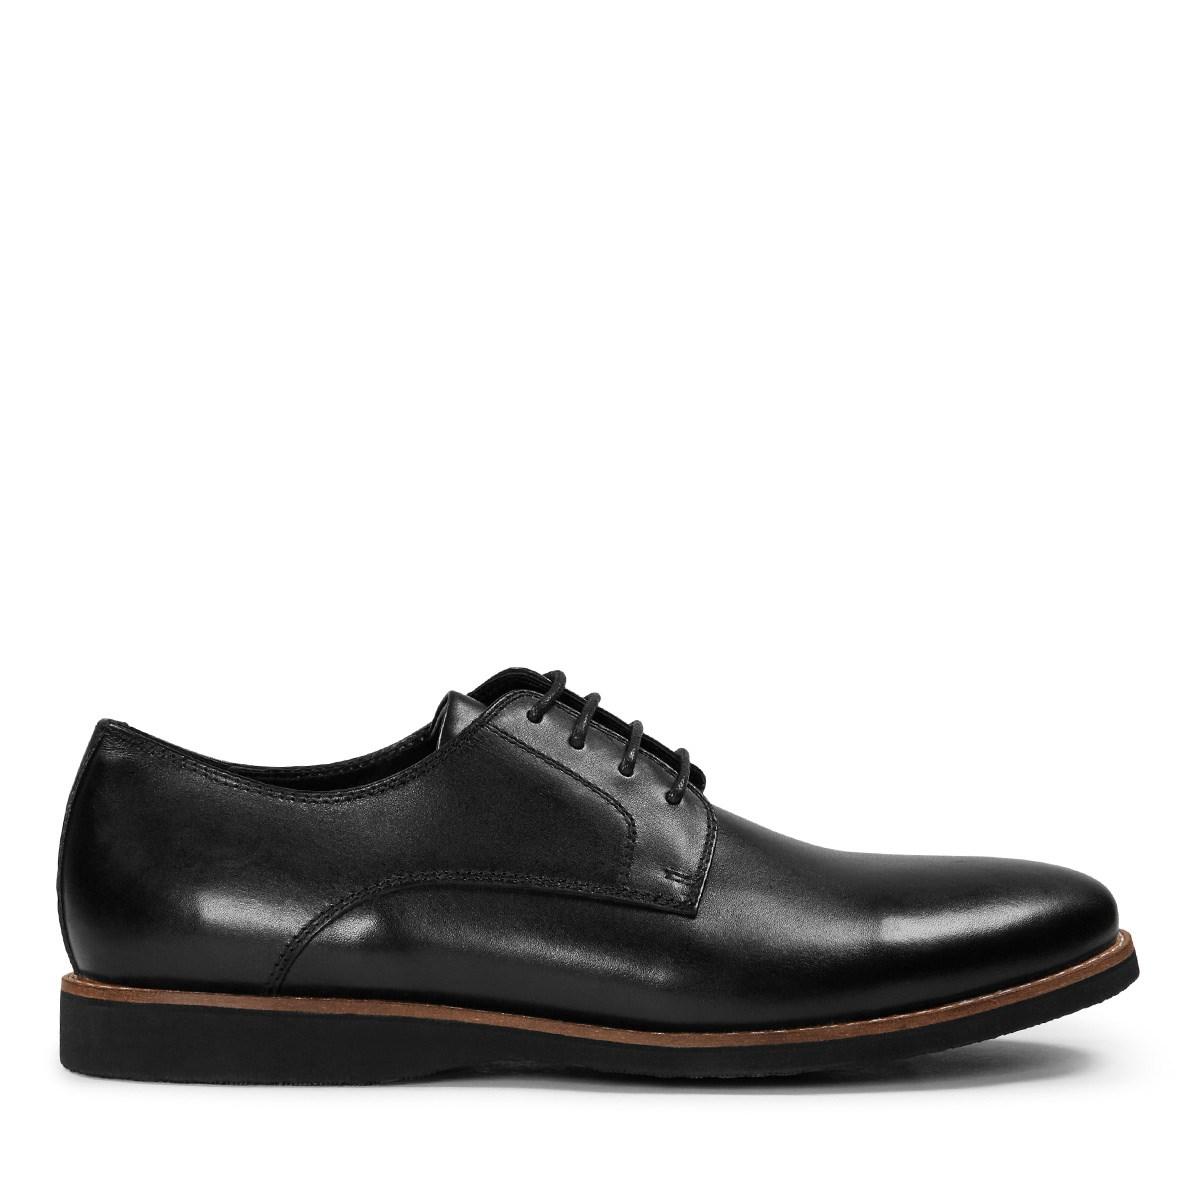 Men's Black Leather Lace-Up Shoe